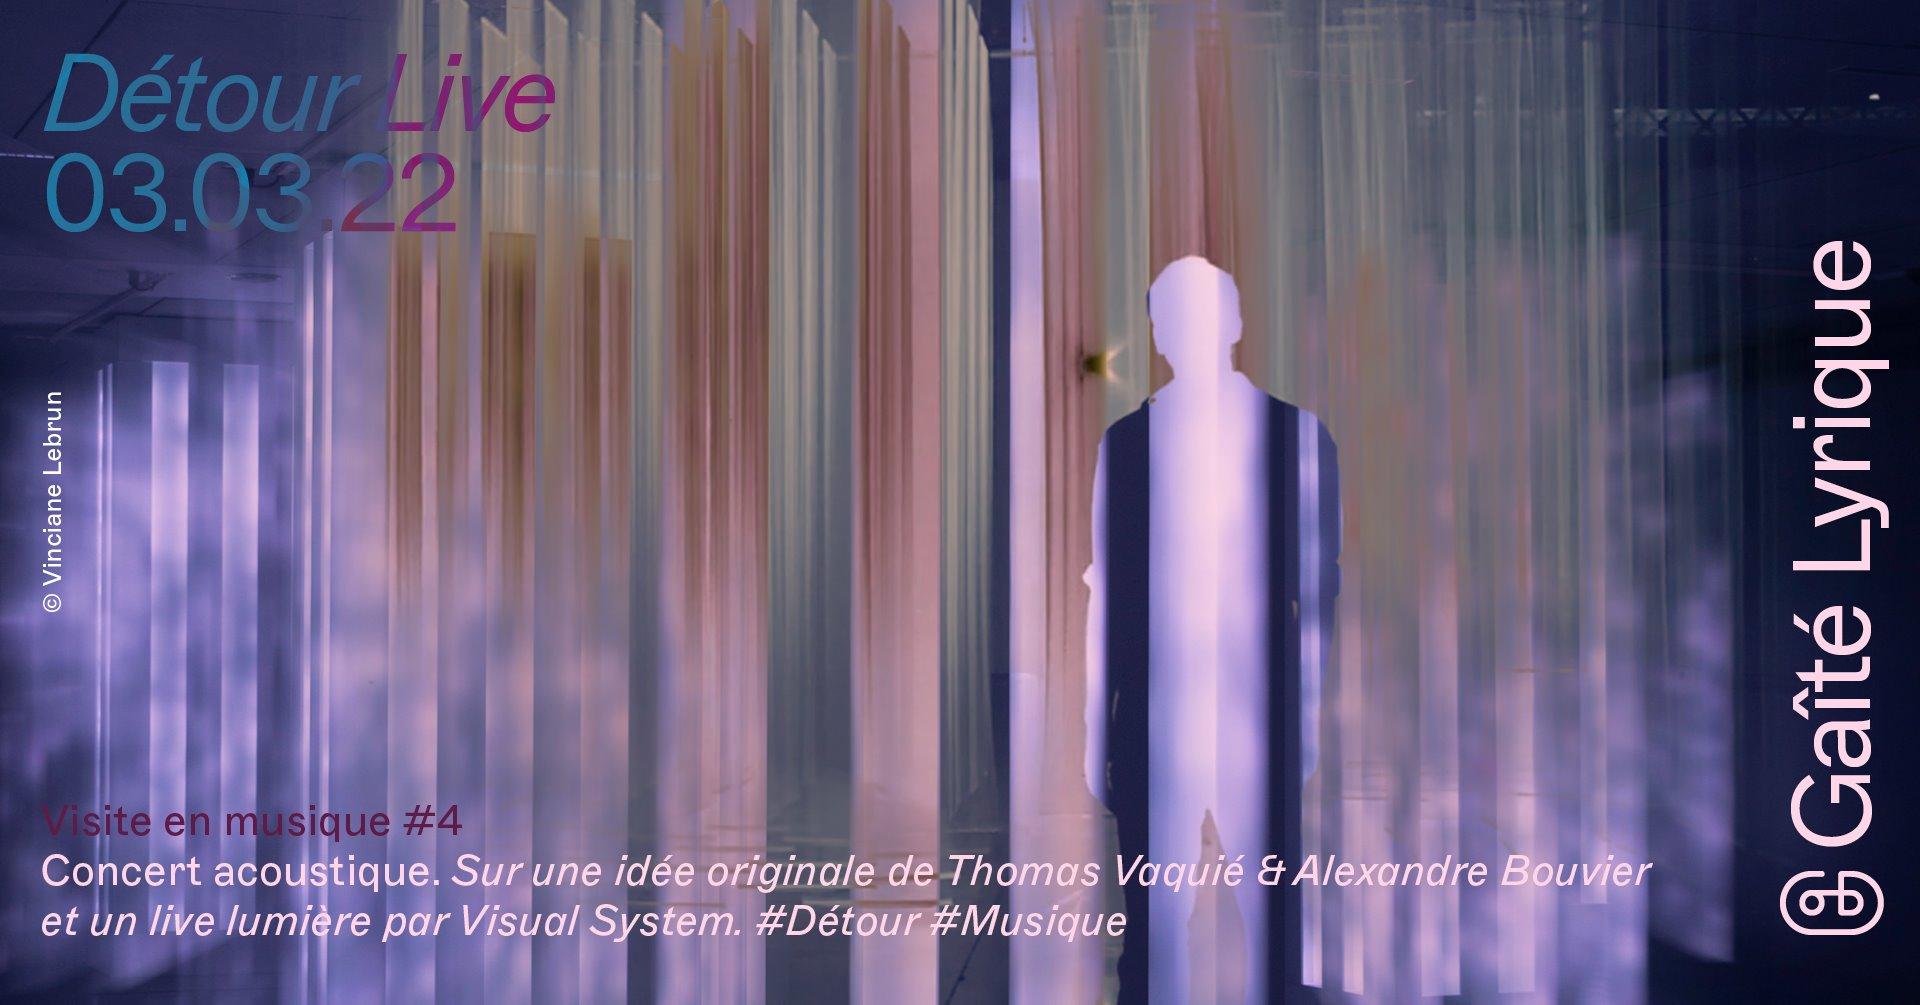 Détour : visite en musique #4 La Gaîté Lyrique Paris